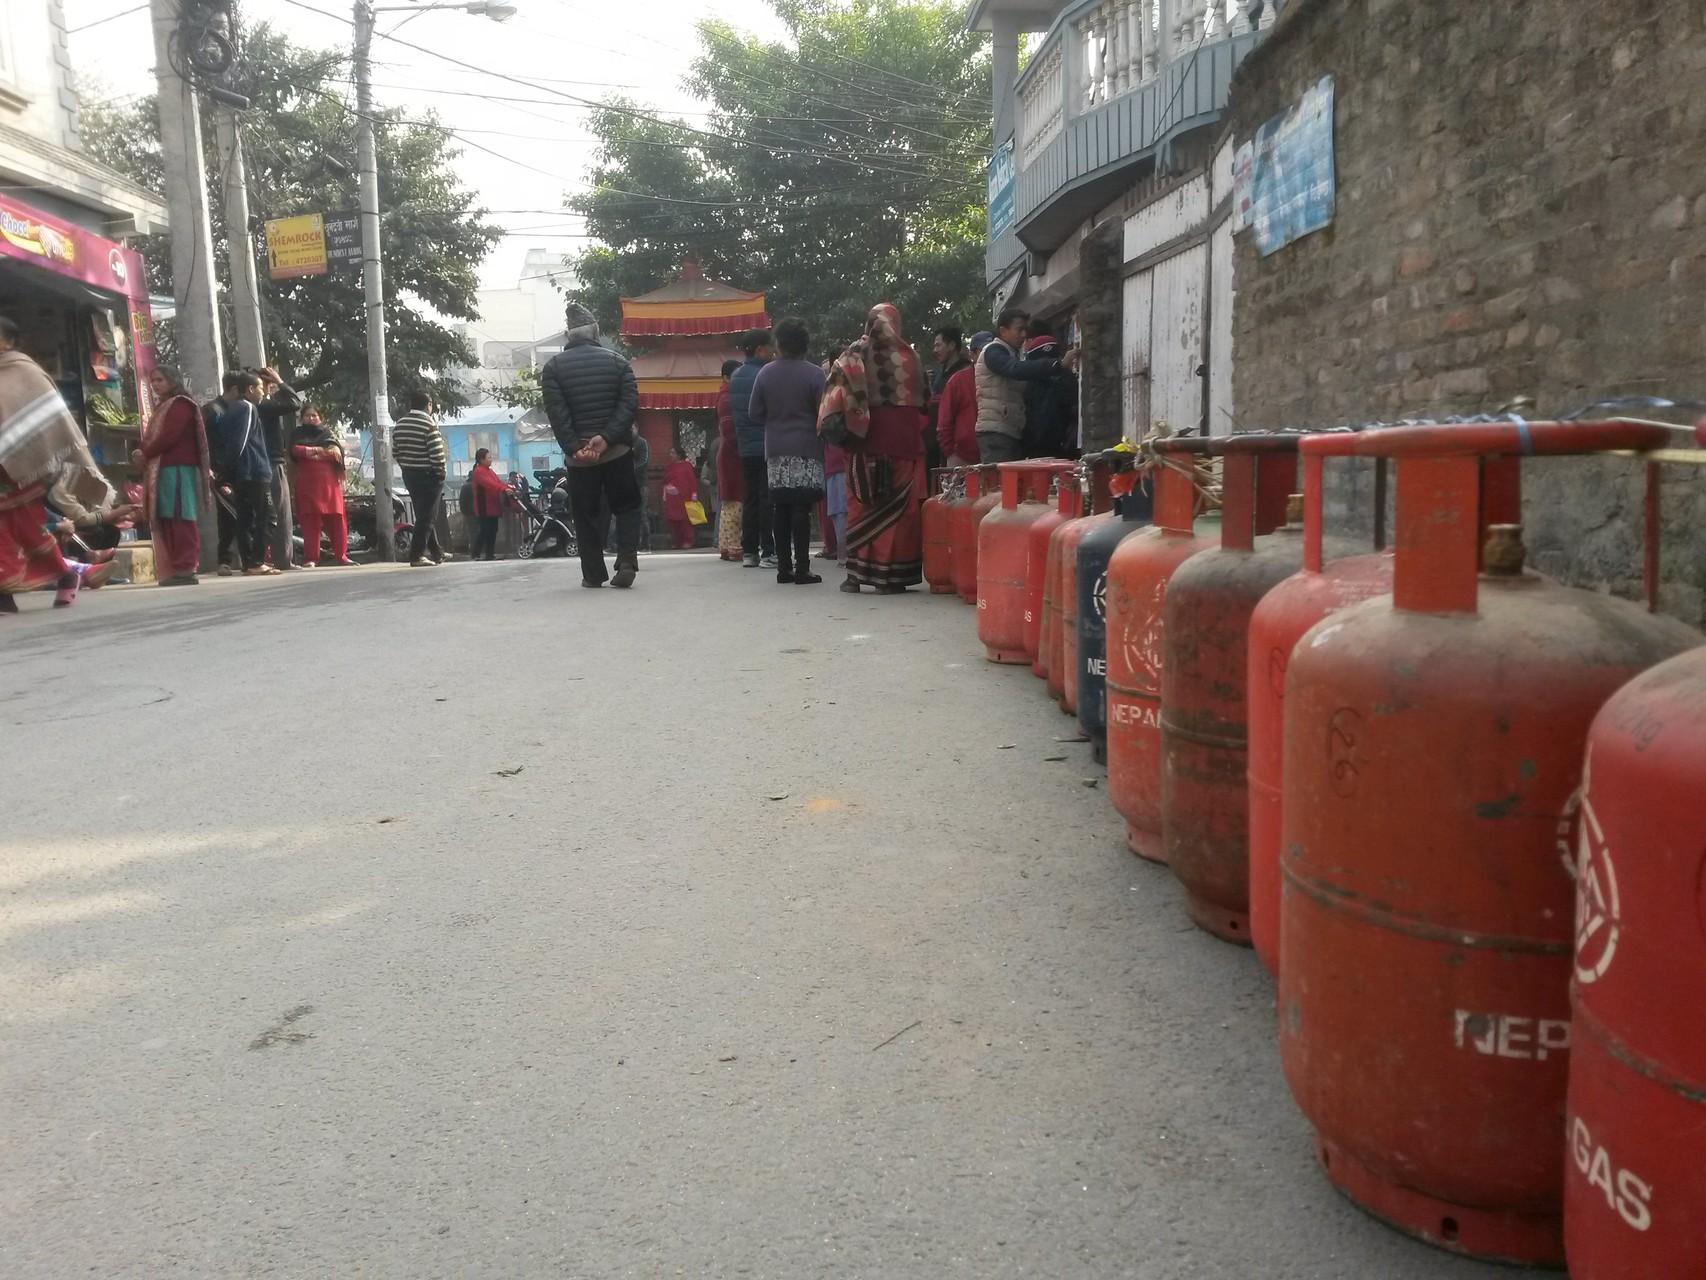 File d'attente au dépôt de gaz. Ce jour là, 200 personnes dans la file